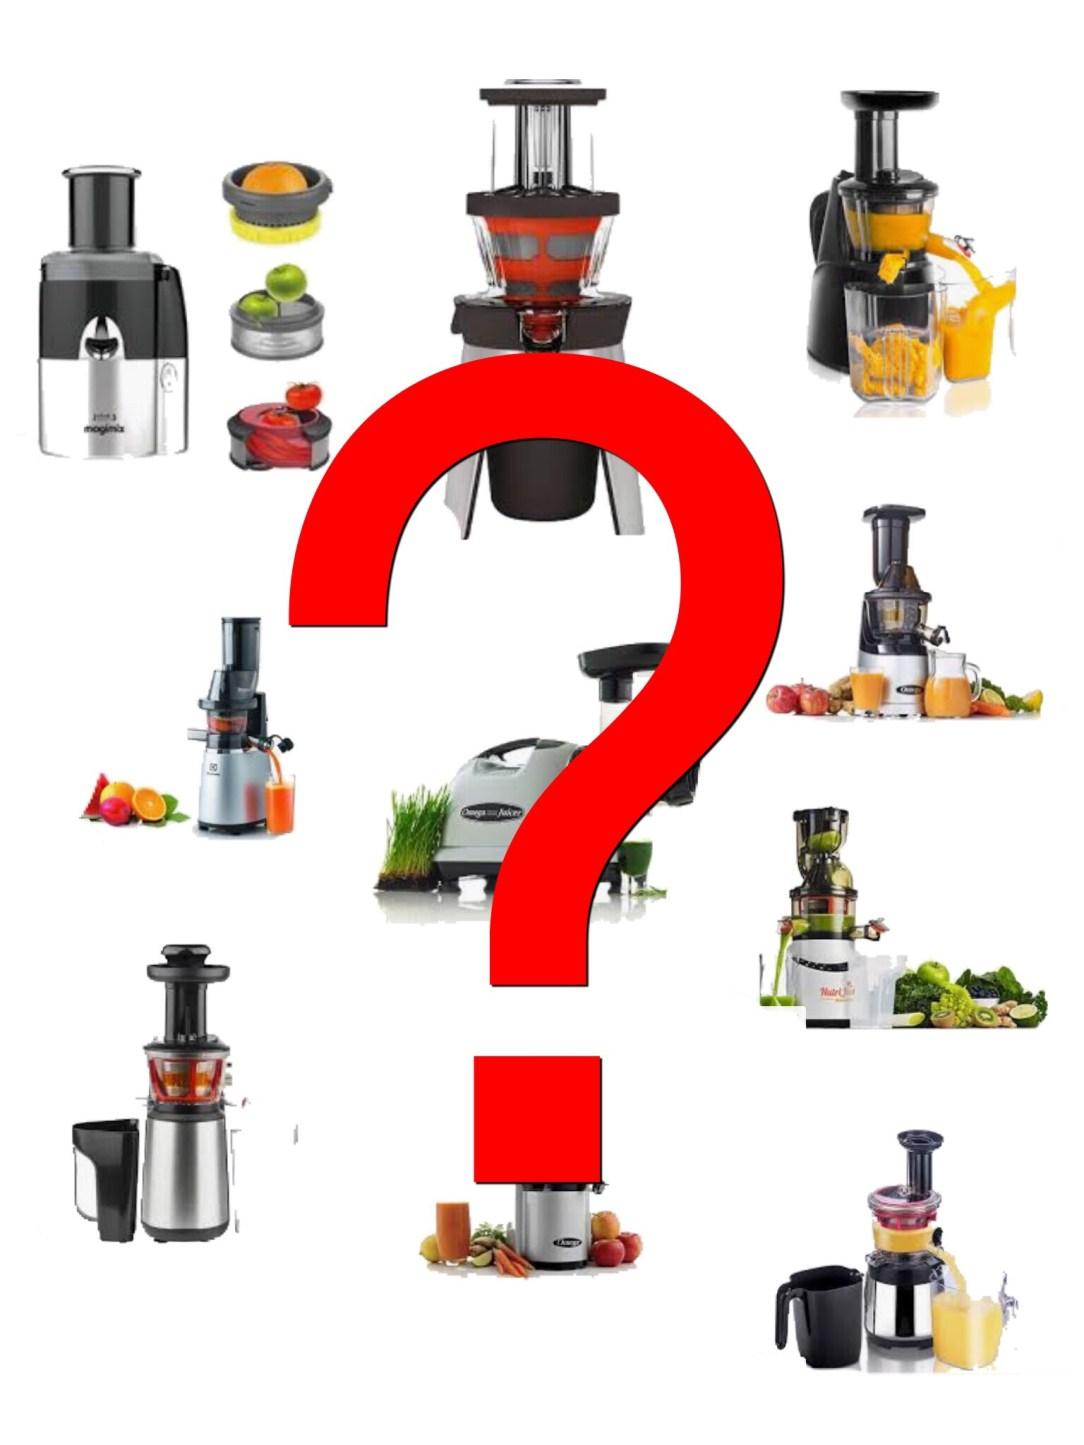 Extracteurs de jus, extracteurs de jus c'est quoi, choisir son extracteur de jus, comparateur, TheMouse, quinqua, 50 ans, silver,